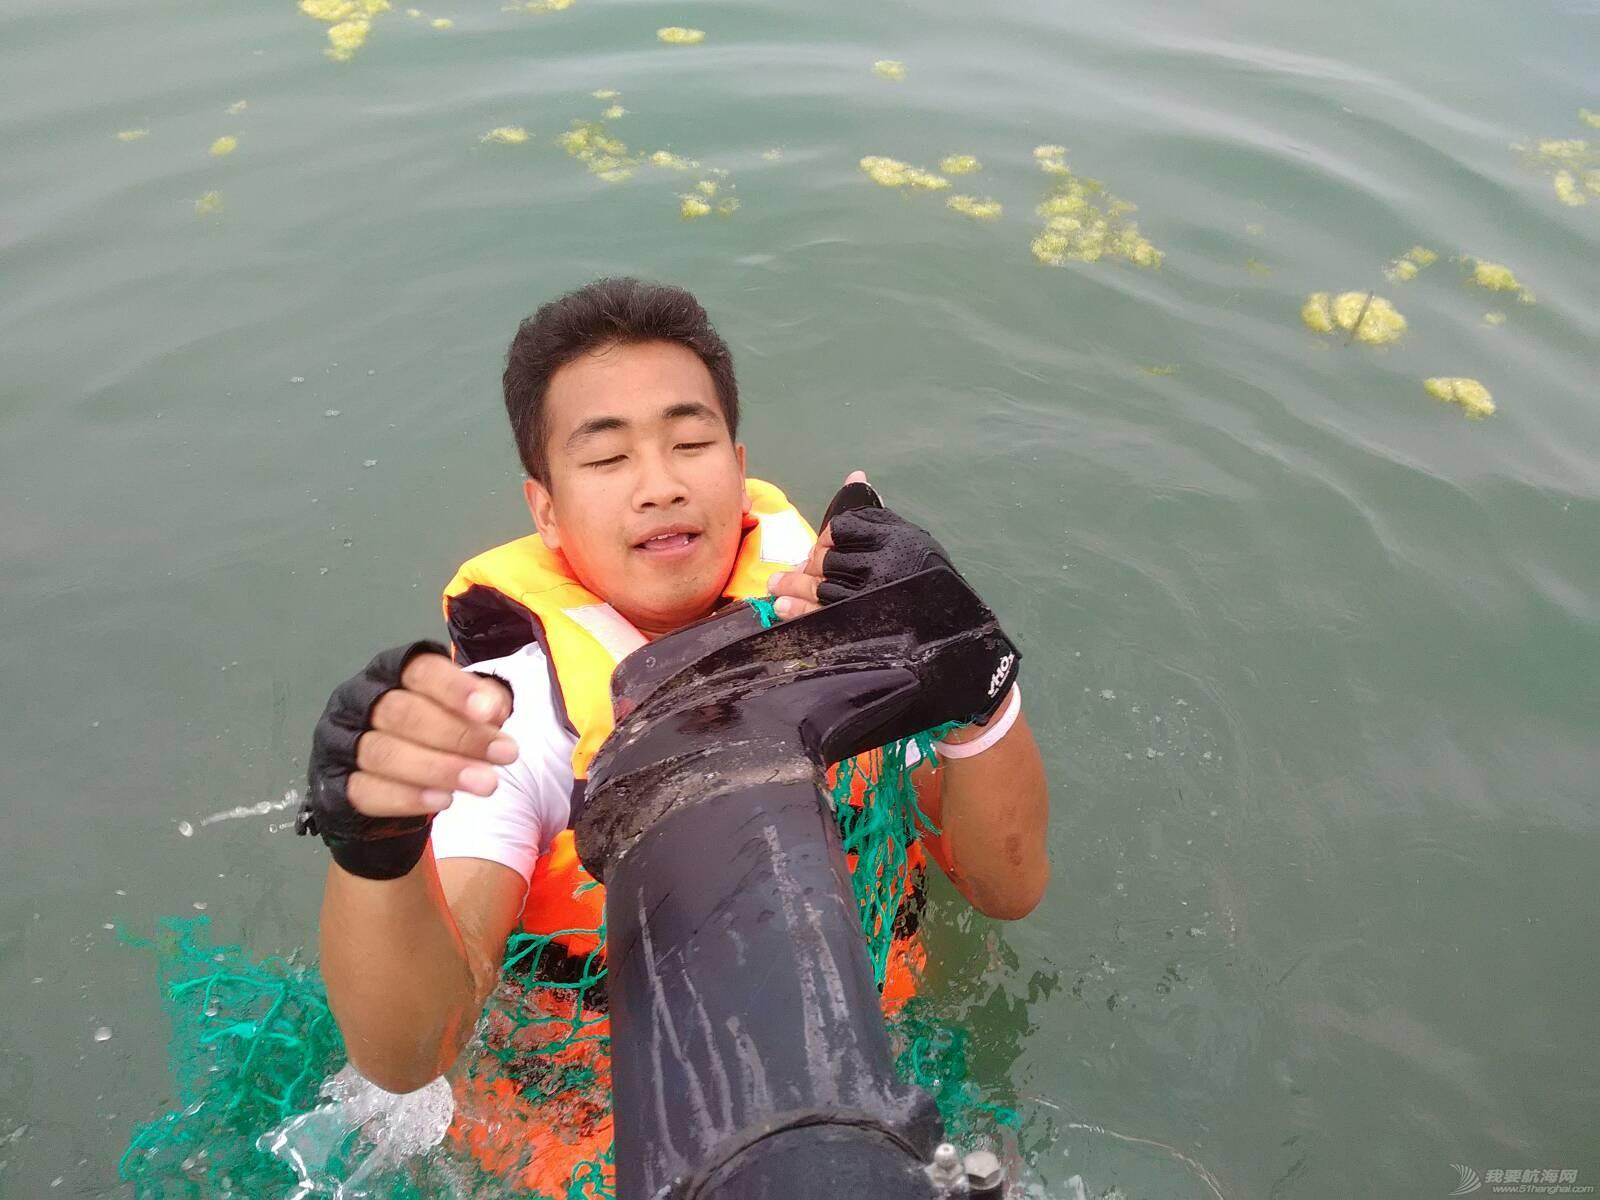 出海玩耍 164643guddb2mh0awmzumw.jpg